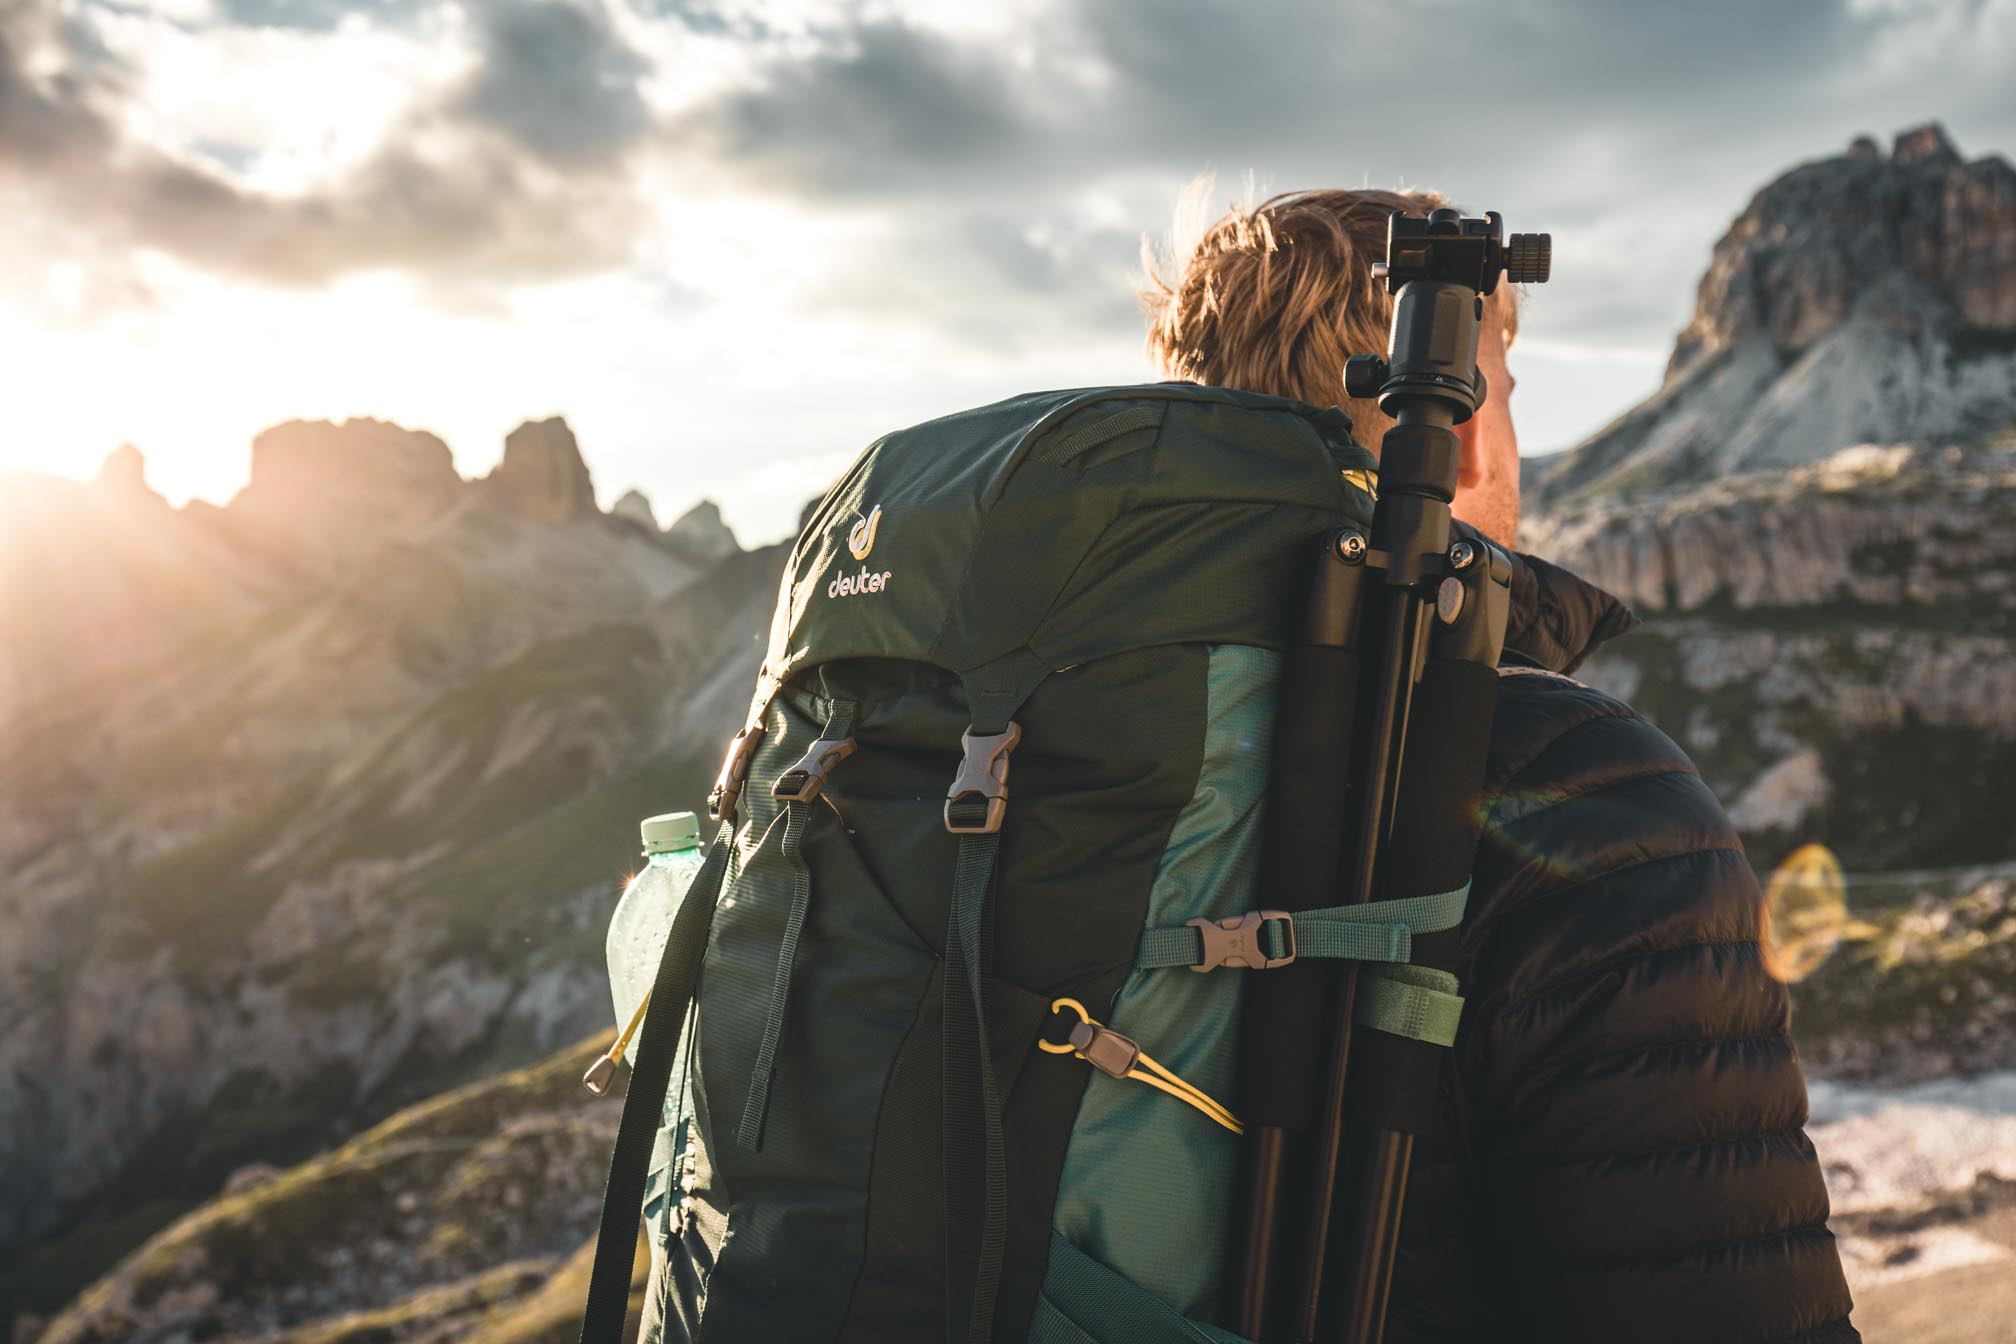 Ein Mann mit Rucksack wandert einen Berg hinauf.